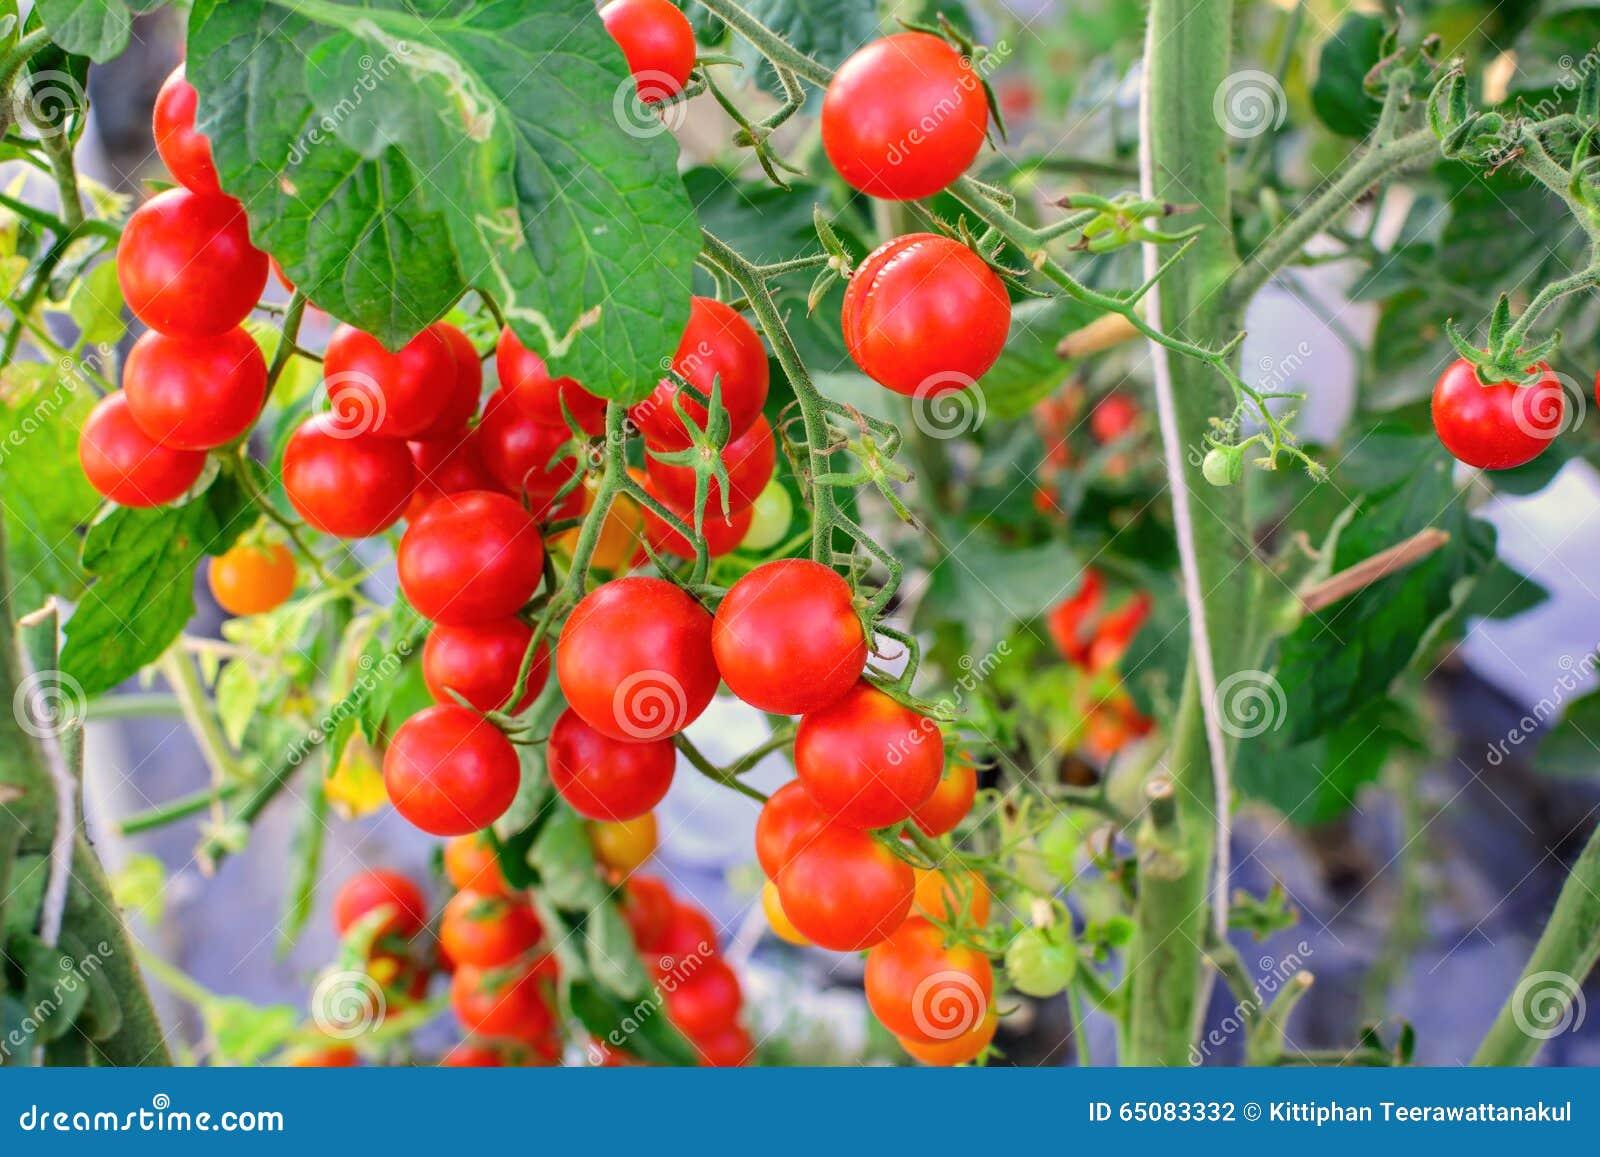 蕃茄生长在农业有机农场的一束